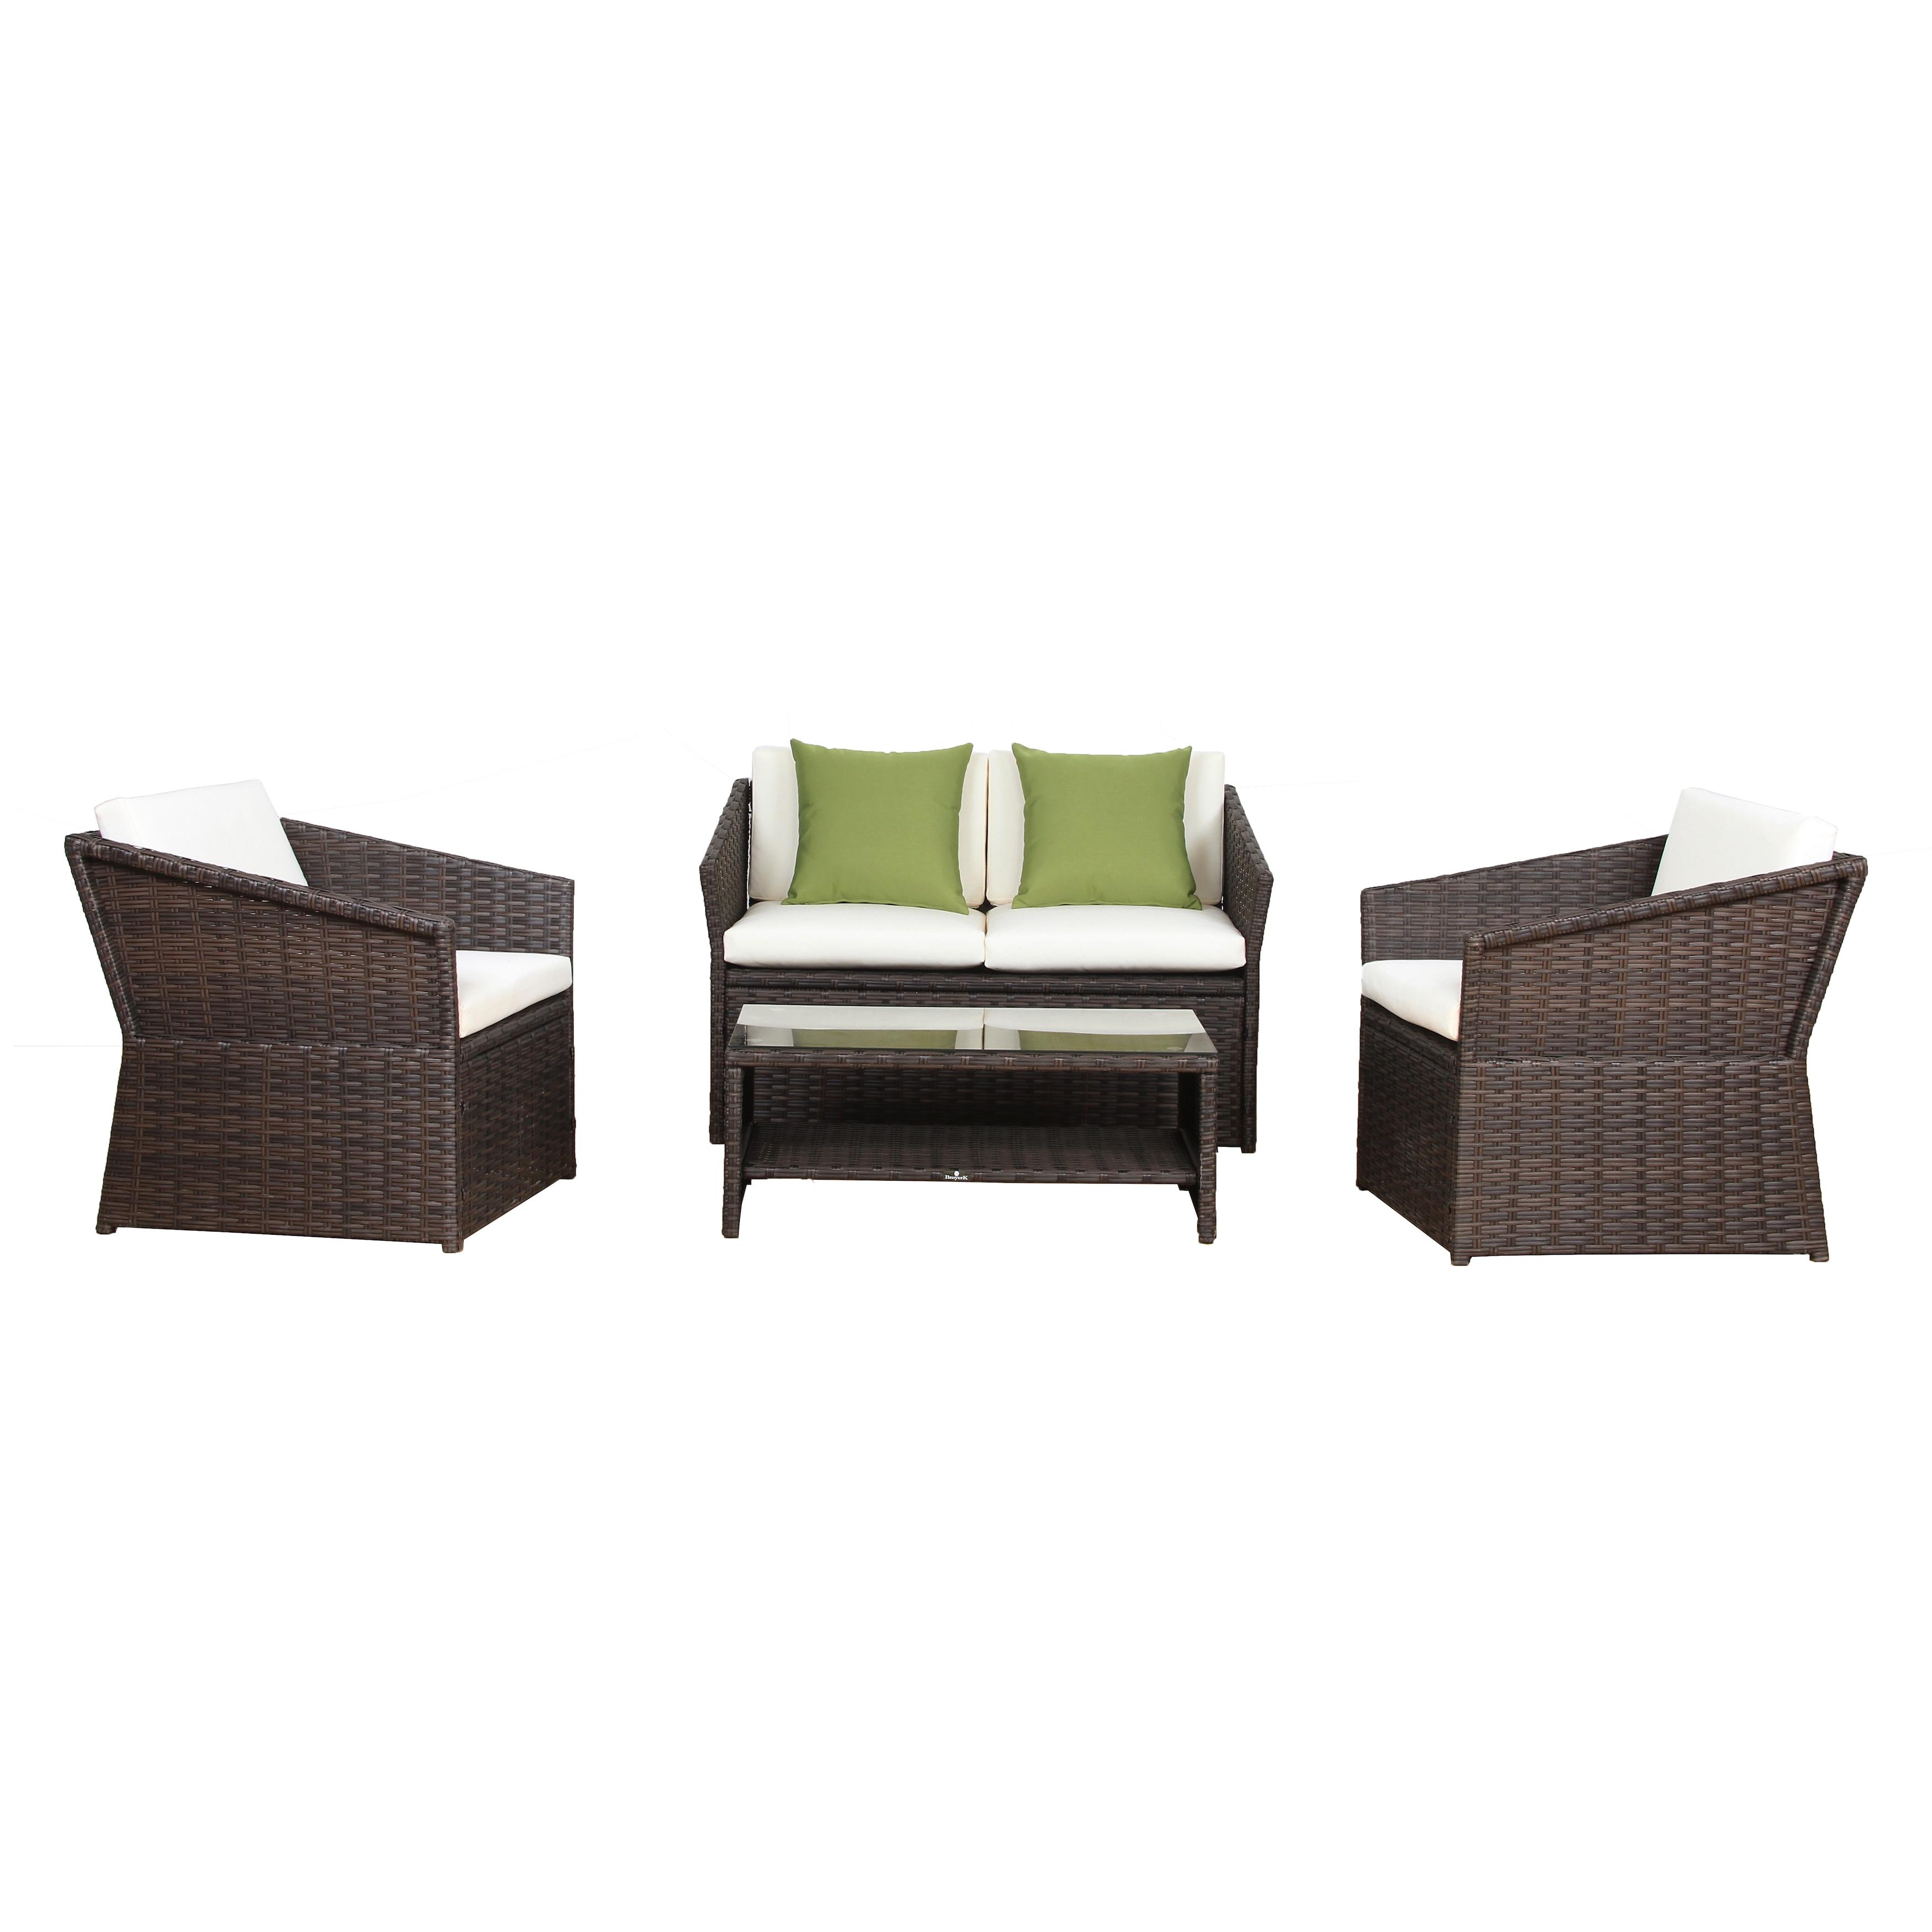 BroyerK 4 Pcs Outdoor Sofa Set Wicker Garden Patio Furnit...